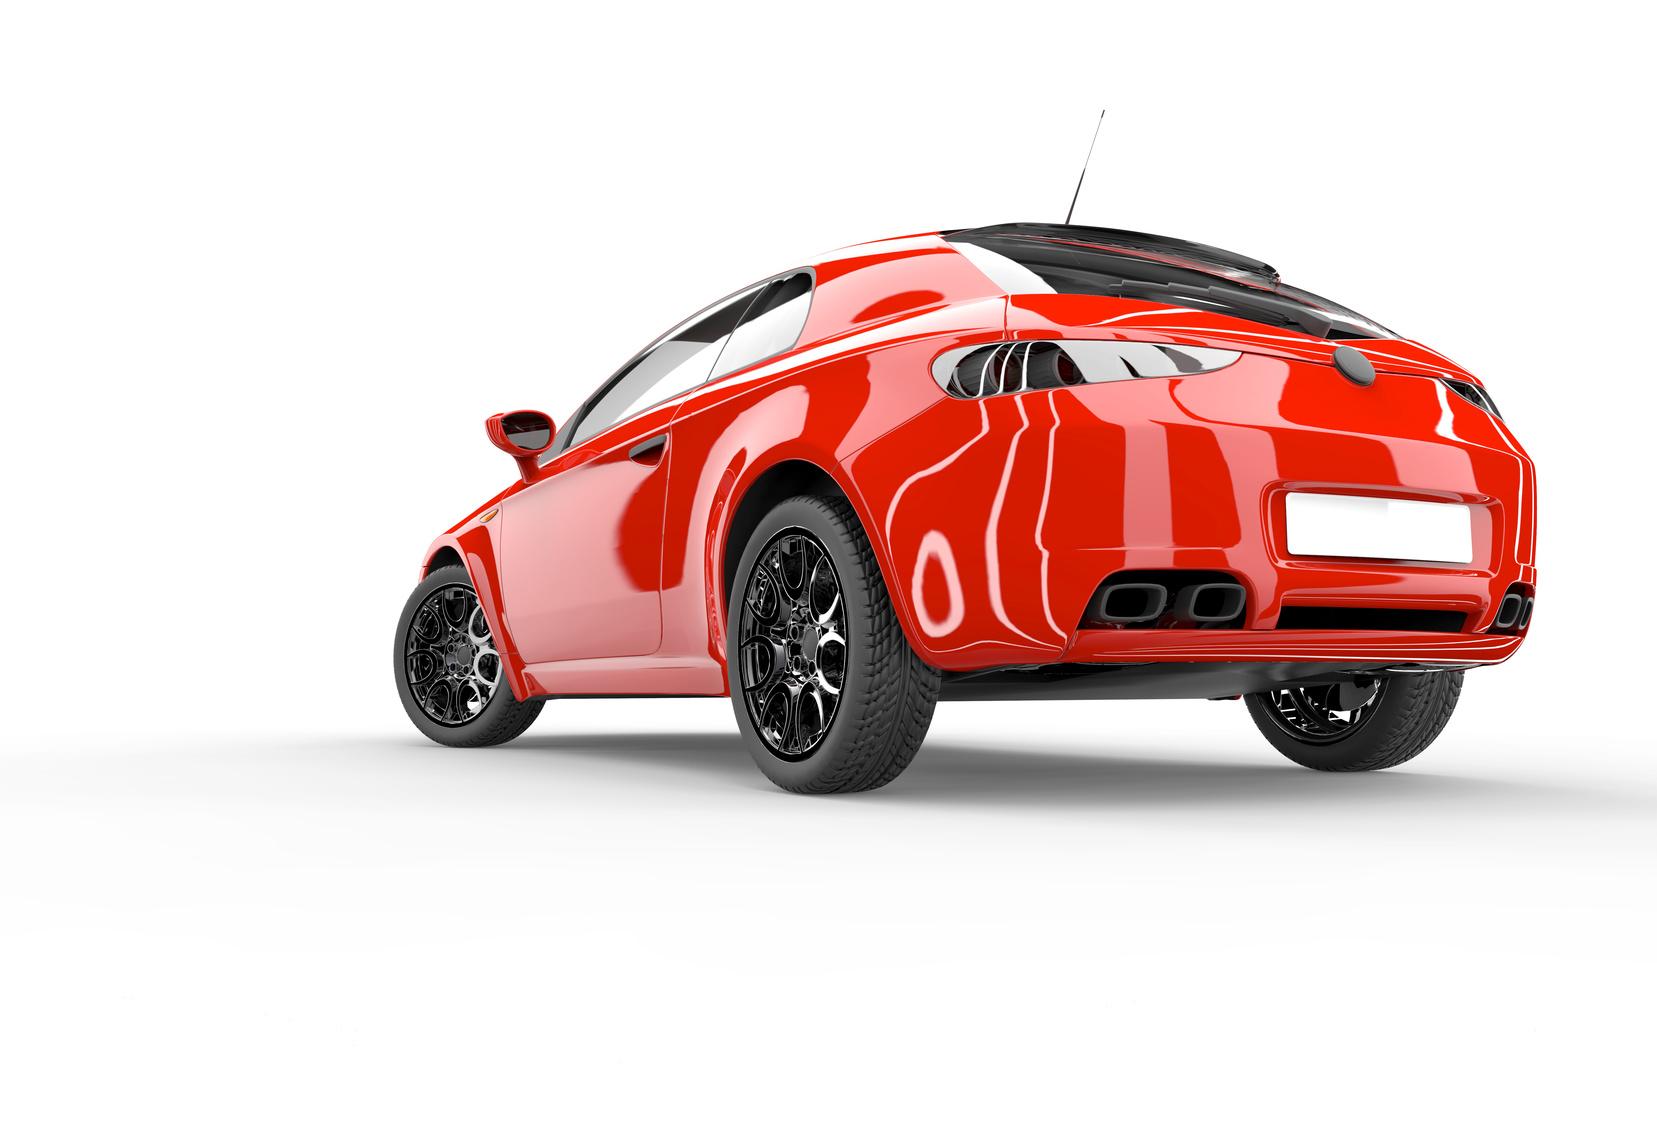 Henkilöauton kattava vuosihuolto ja öljynvaihto vain 25€ Long Life -öljyllä 35€